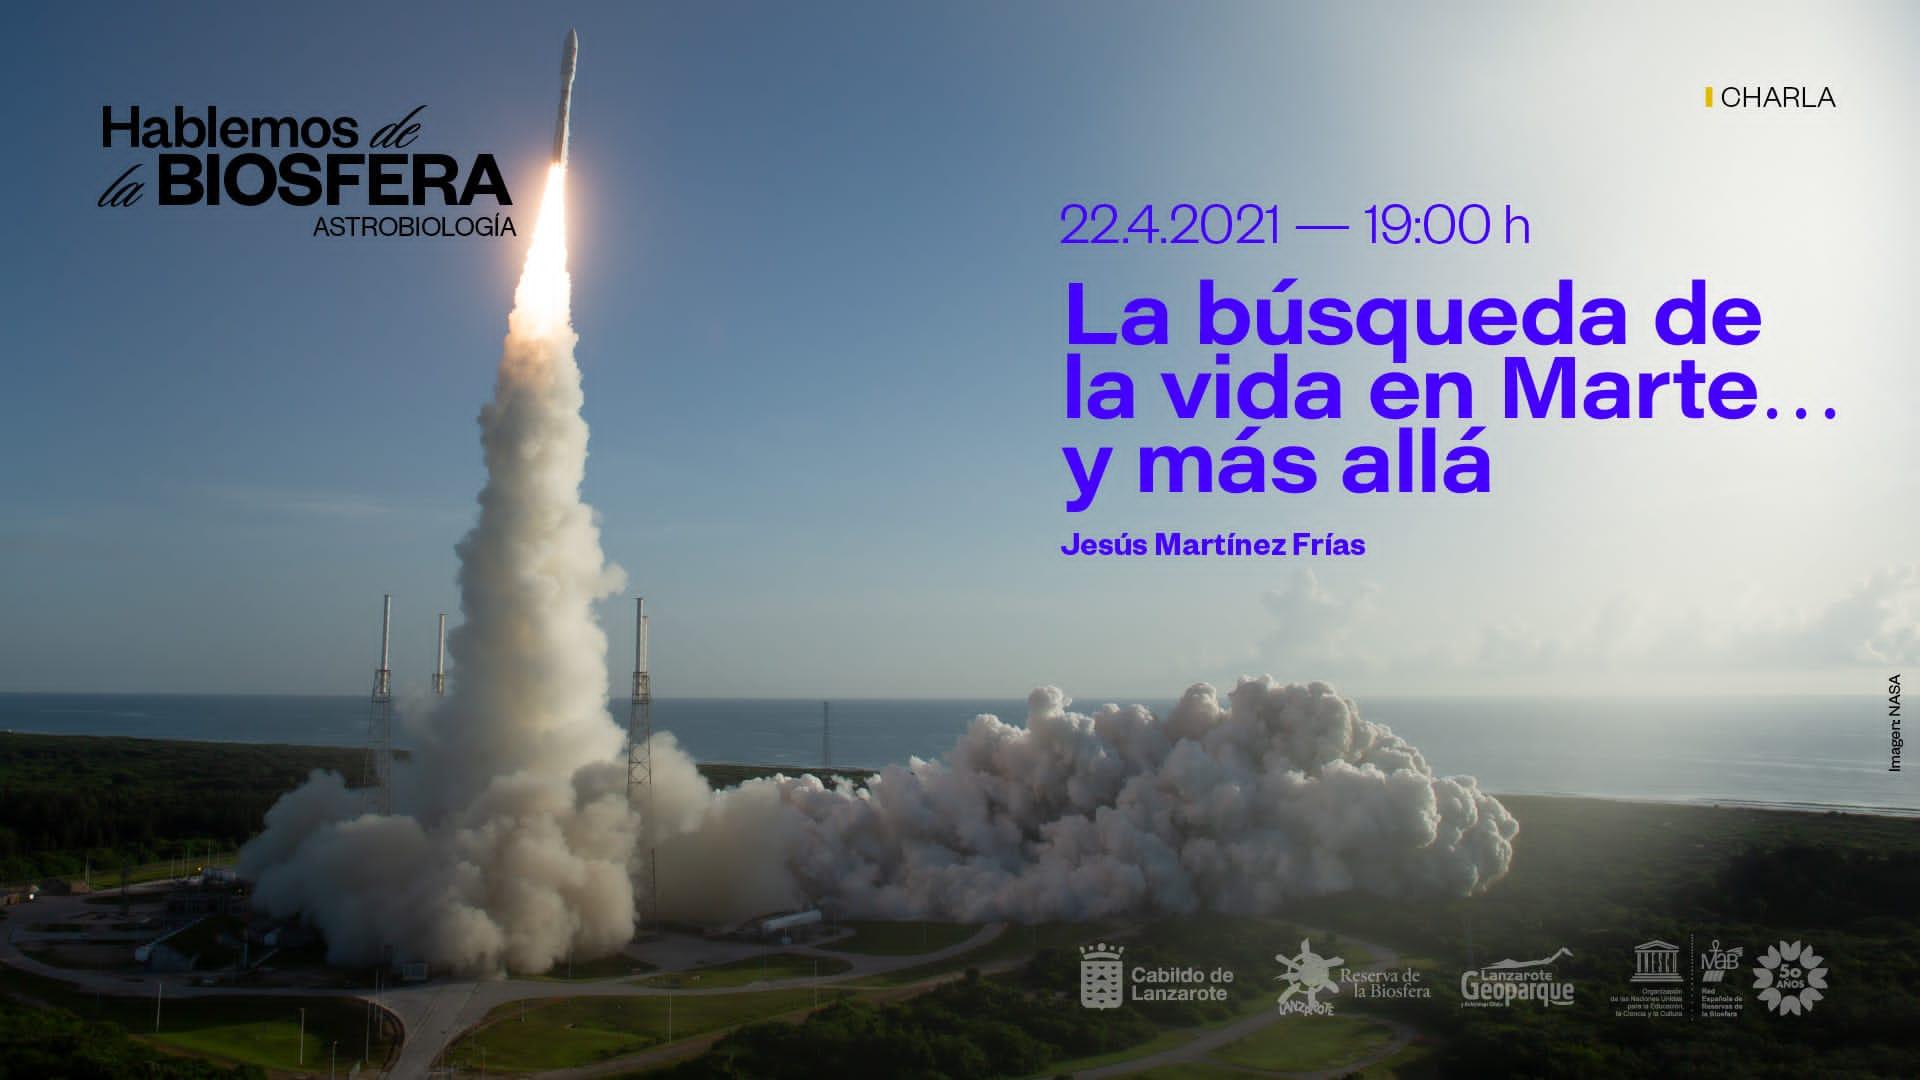 """El Cabildo organiza la charla """"La búsqueda de vida en Marte… y más allá"""" por el Día Internacional de la Madre Tierra"""